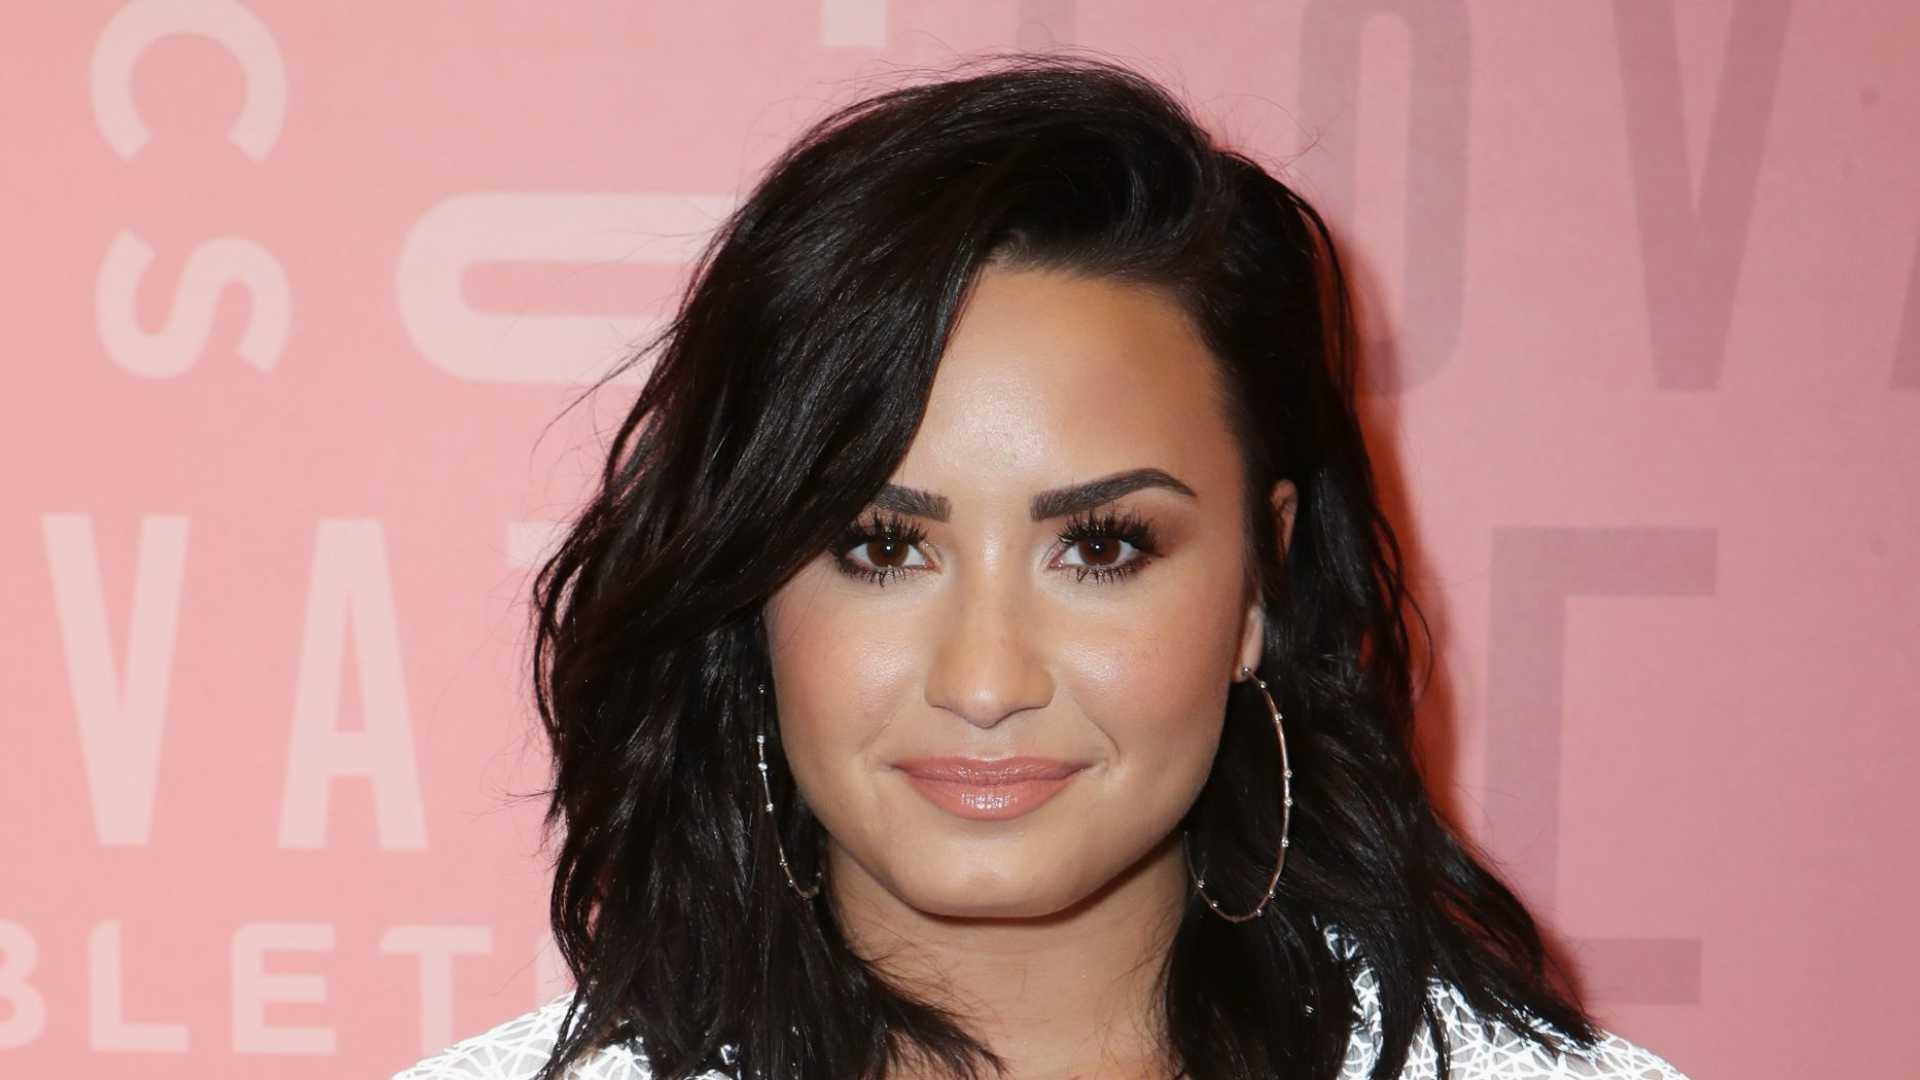 Photo of Divulgadas fotos de Demi Lovato no período de reabilitação